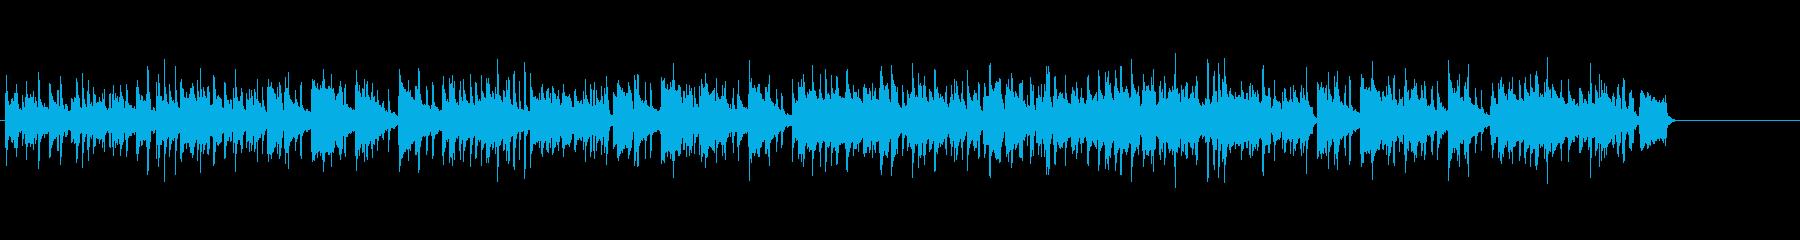 オープニング・コーナー紹介・穏やかな曲調の再生済みの波形